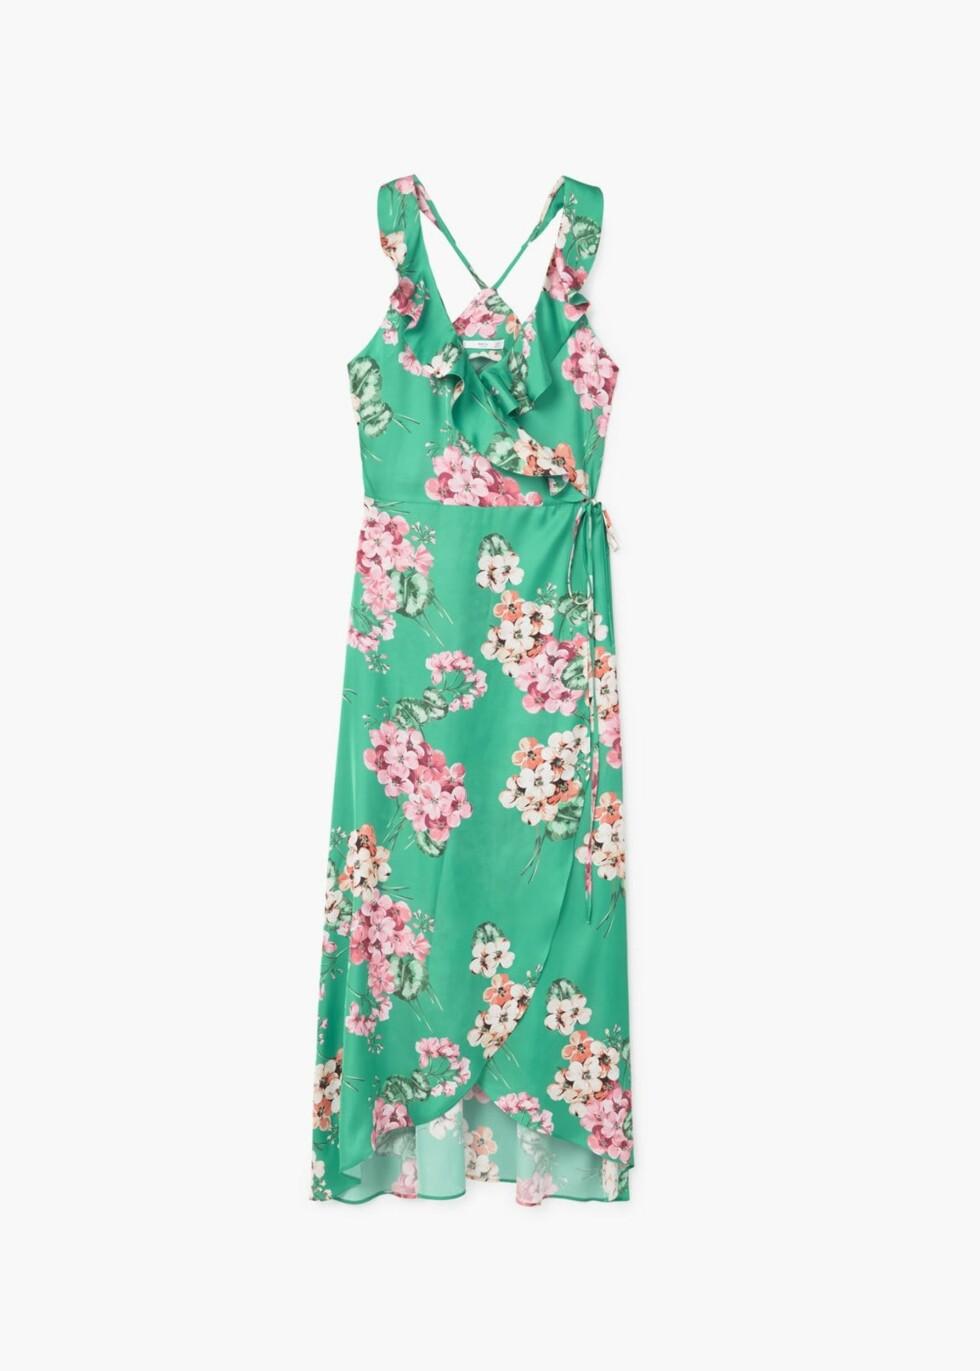 <strong>Kjole fra Mango | kr 699 | http:</strong>//shop.mango.com/NO/p1/damer/kl%C3%A6r/kjoler/lang/l%C3%B8s-kjole-med-blomstertrykk?id=81088818_43&n=1&s=prendas.vestidos&ts=1497882594270